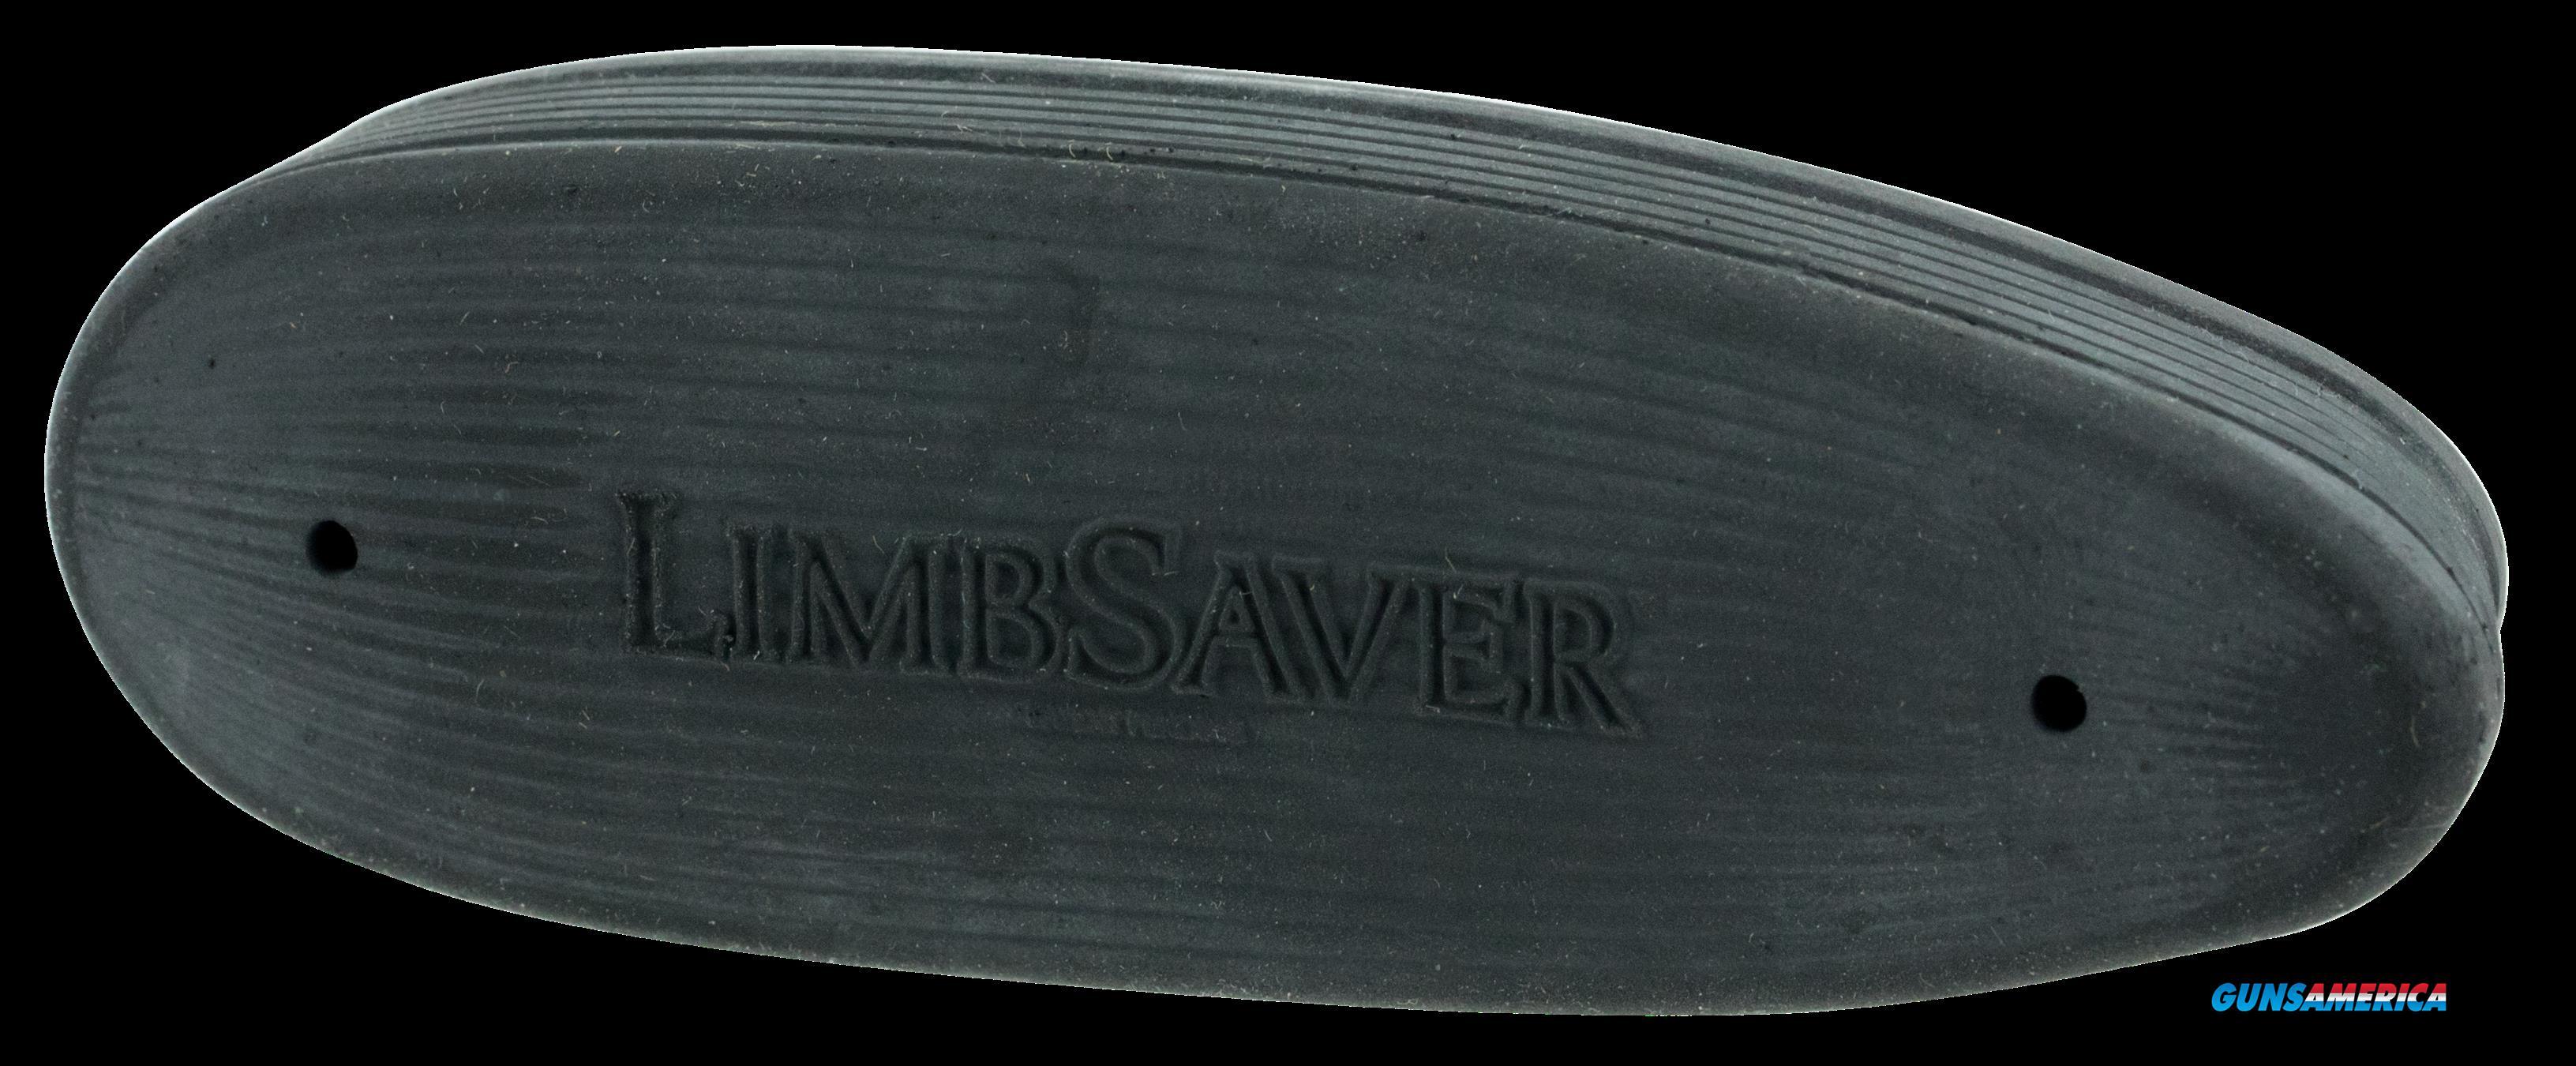 Limbsaver Classic Precision-fit, Limb 10031 Pad Tca Enc-omega      Syn  Guns > Pistols > 1911 Pistol Copies (non-Colt)